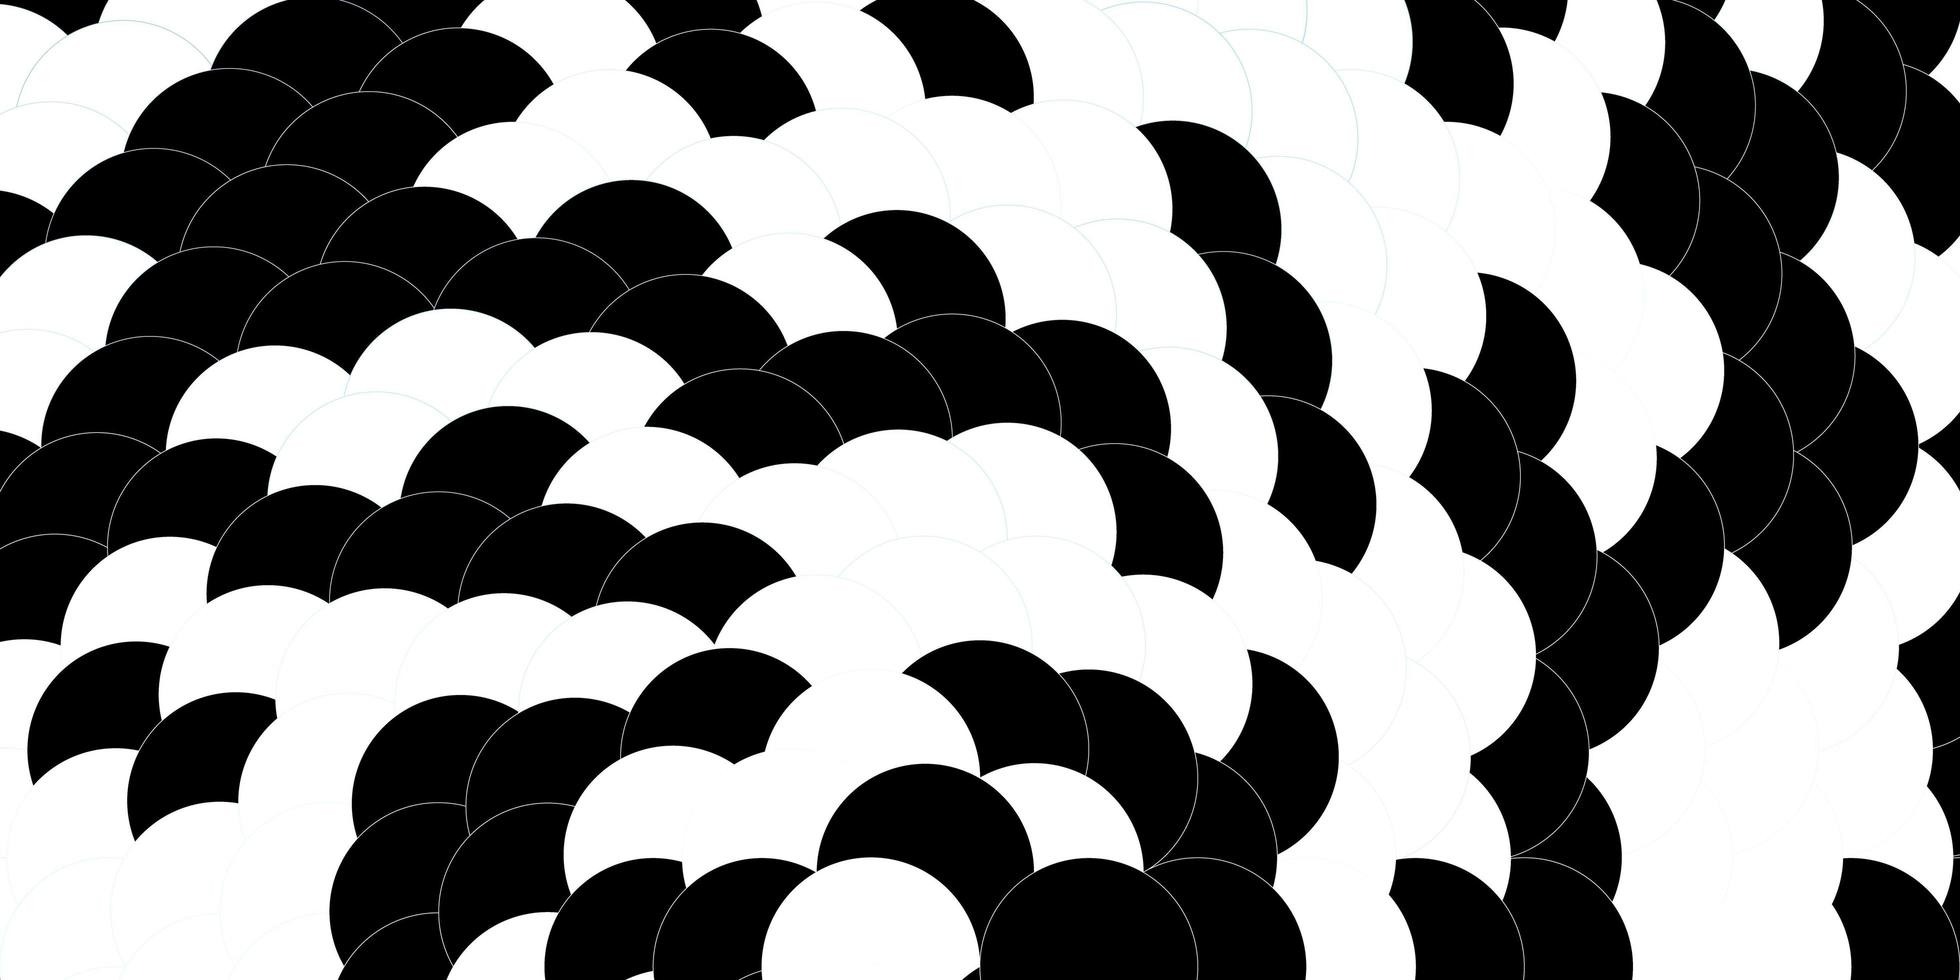 svart och blå konsistens med skivor. vektor